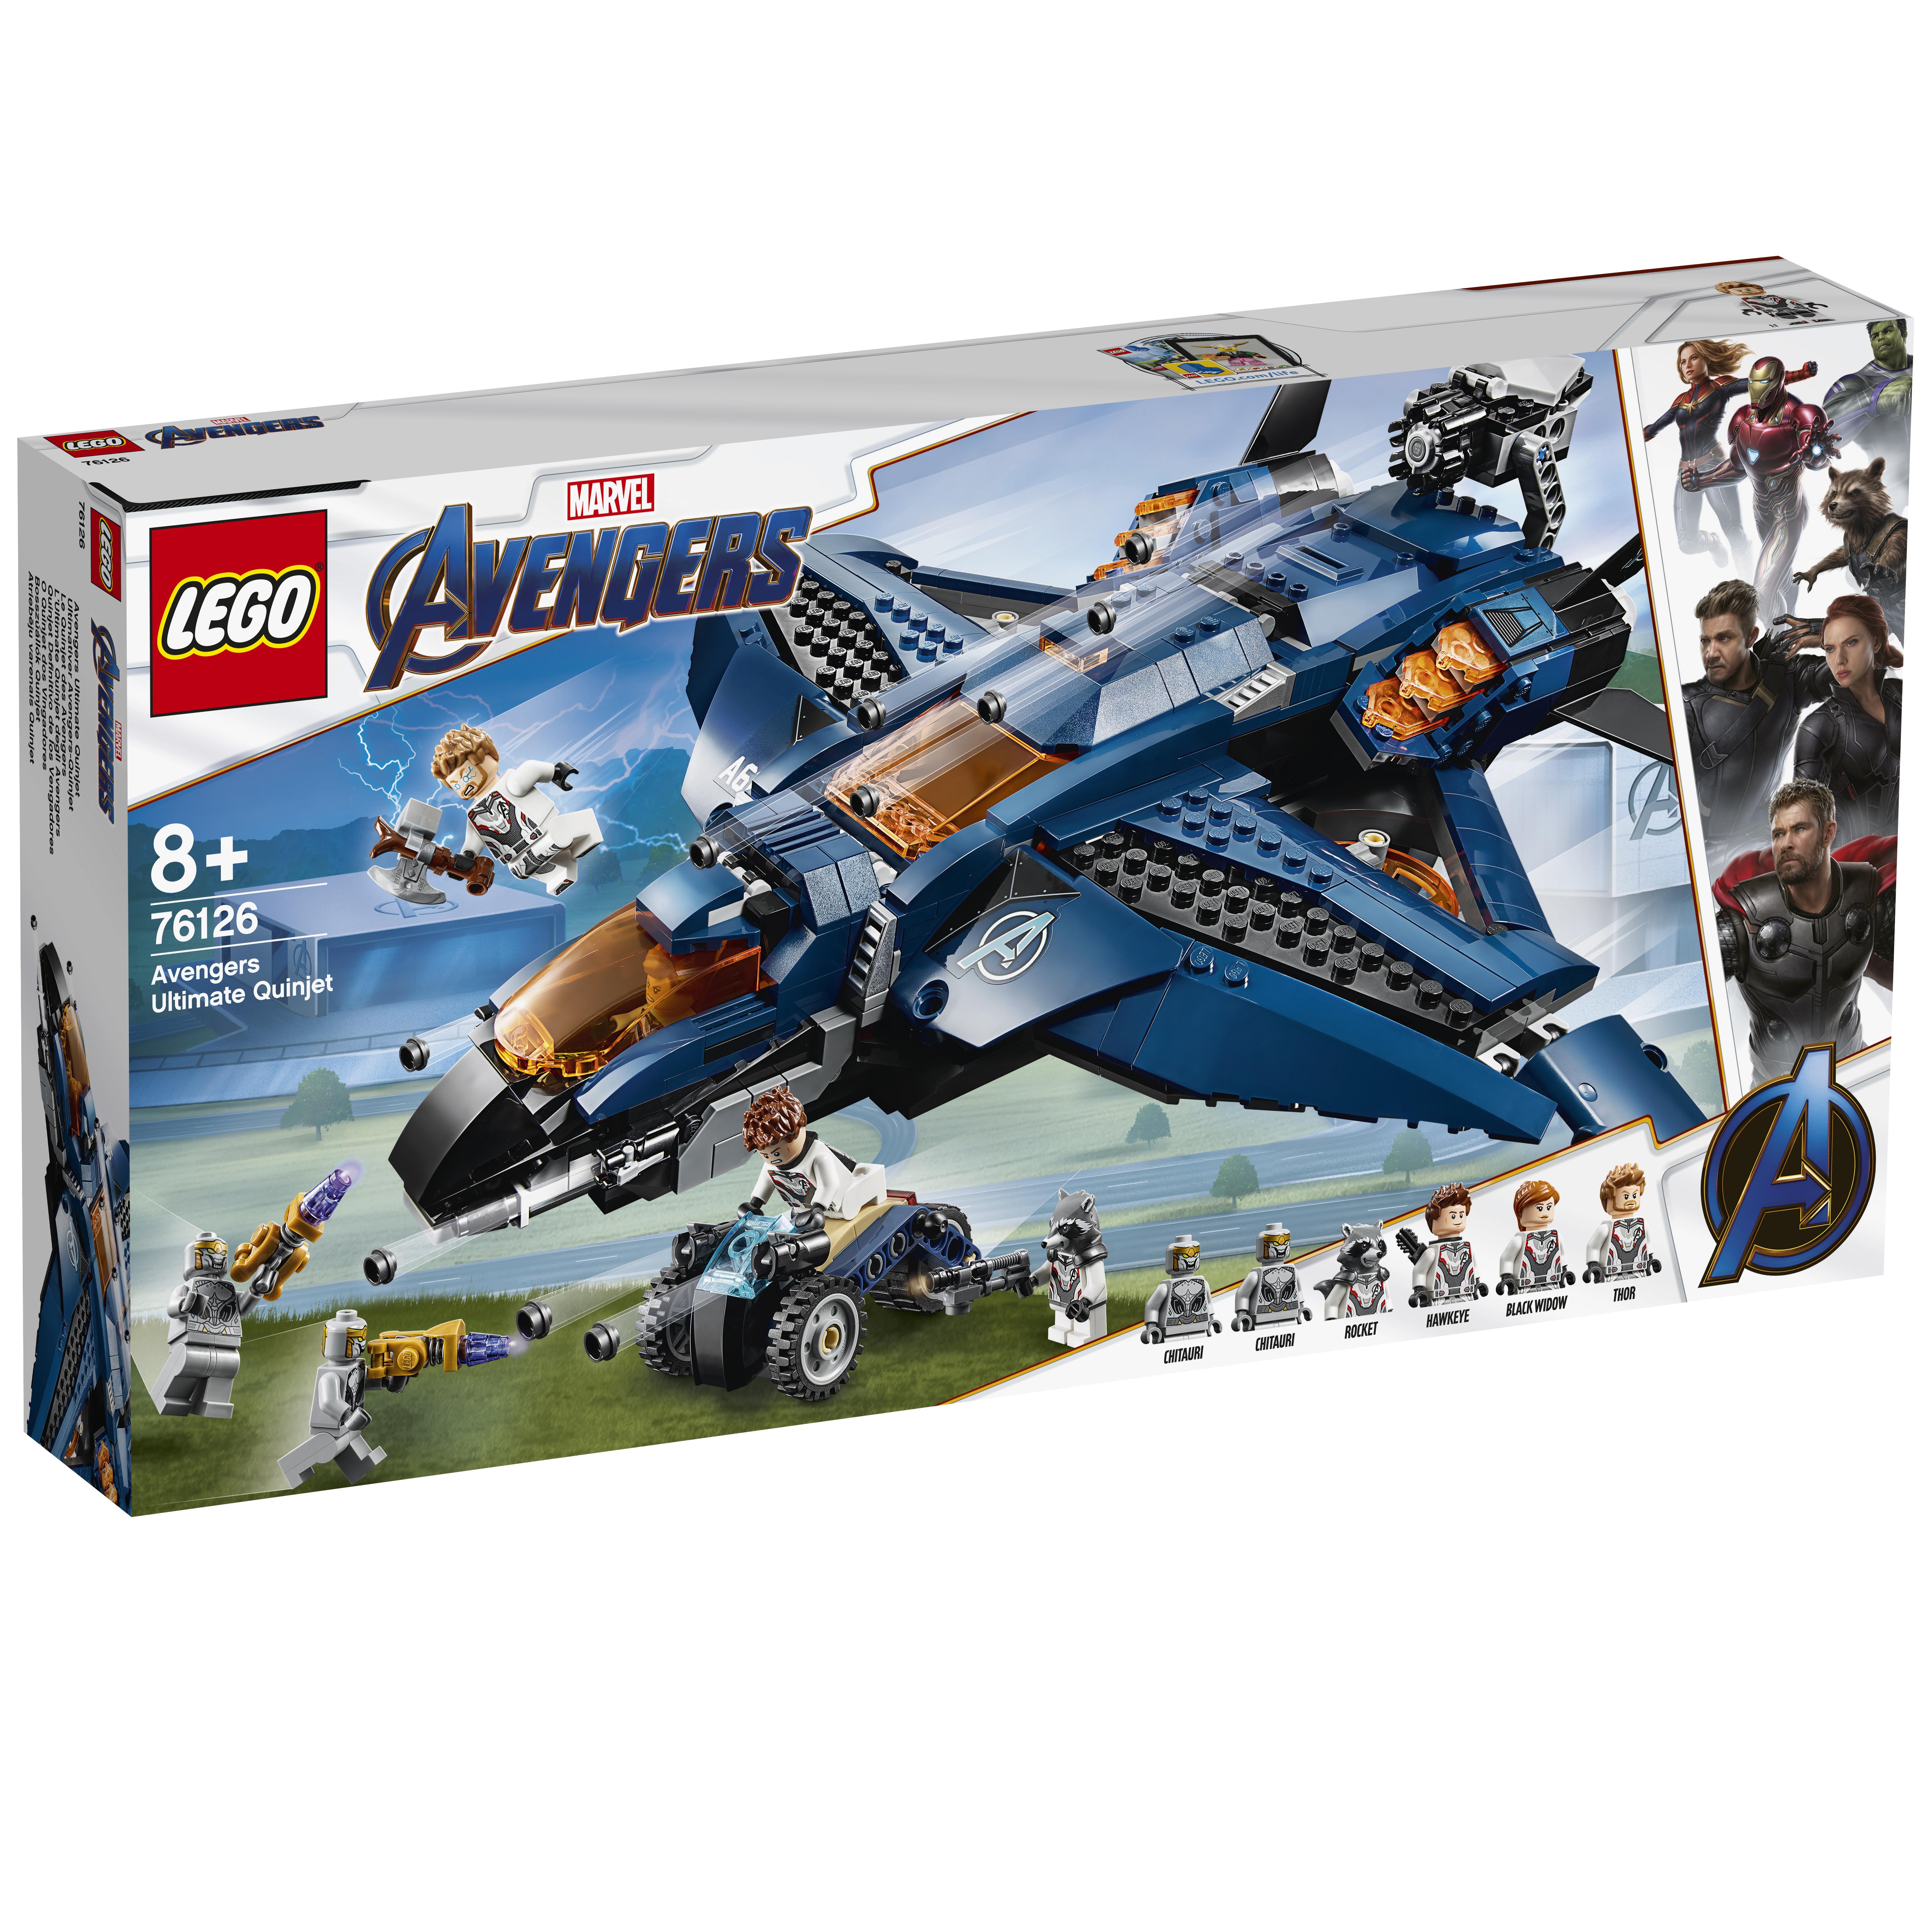 Конструктор LEGO Super Heroes 76126 Модернизированный квинджет Мстителей цены онлайн